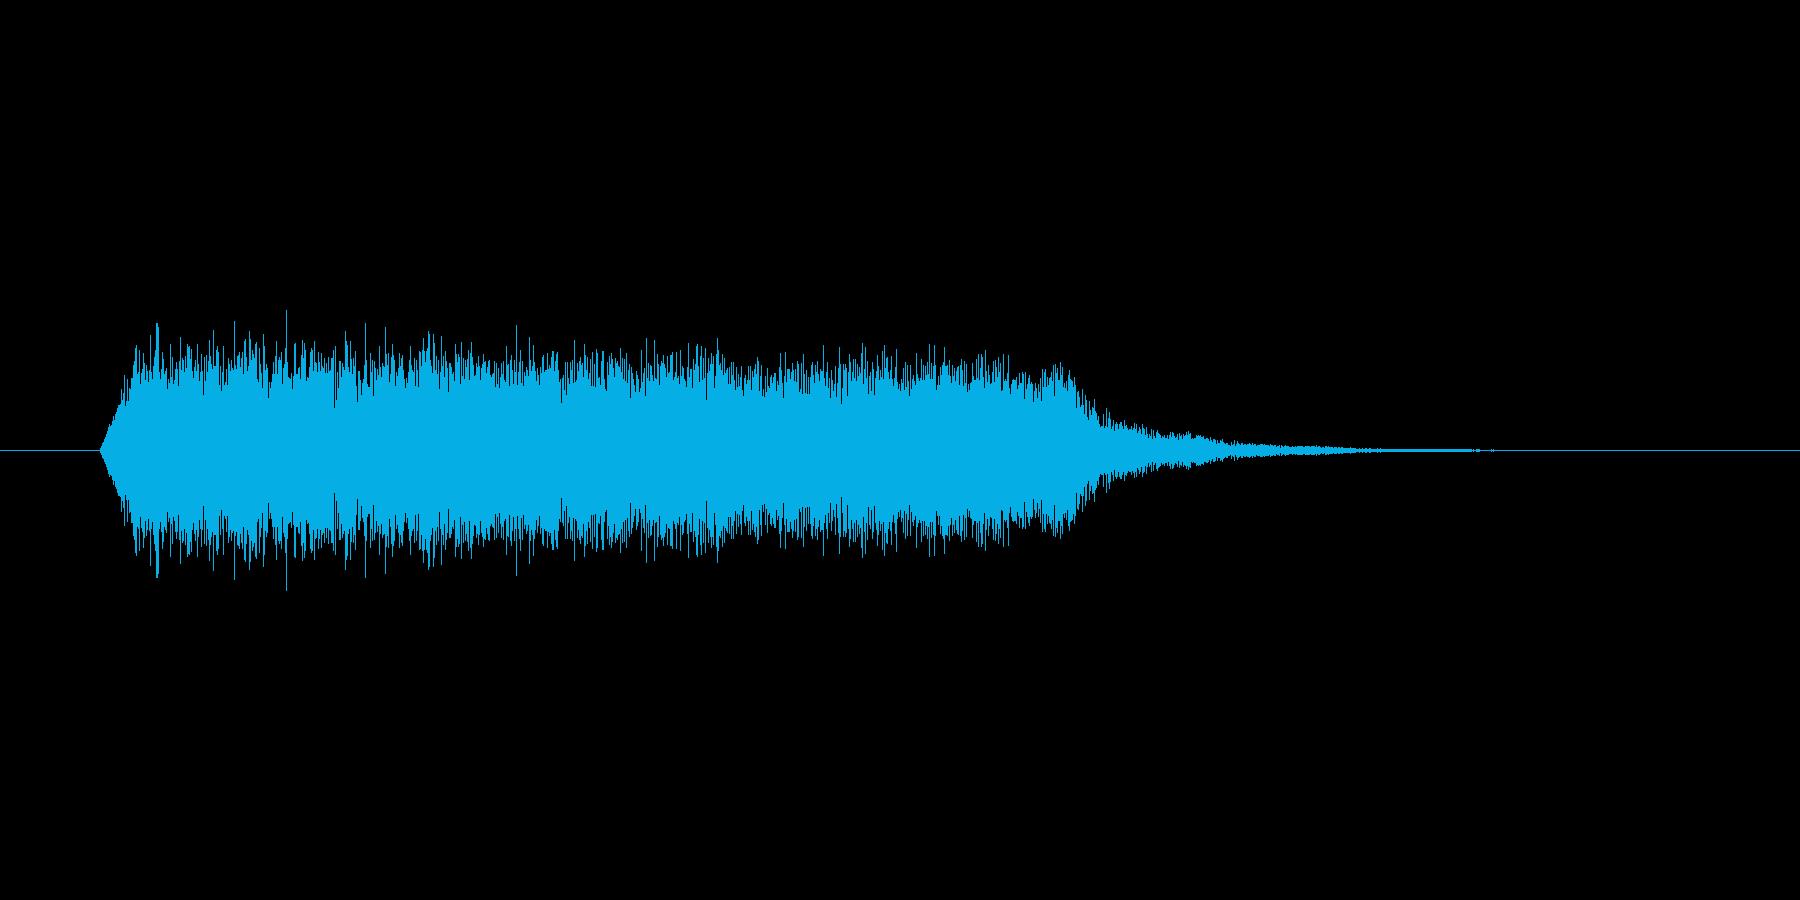 パチンコスーパーリーチ系上昇音の再生済みの波形